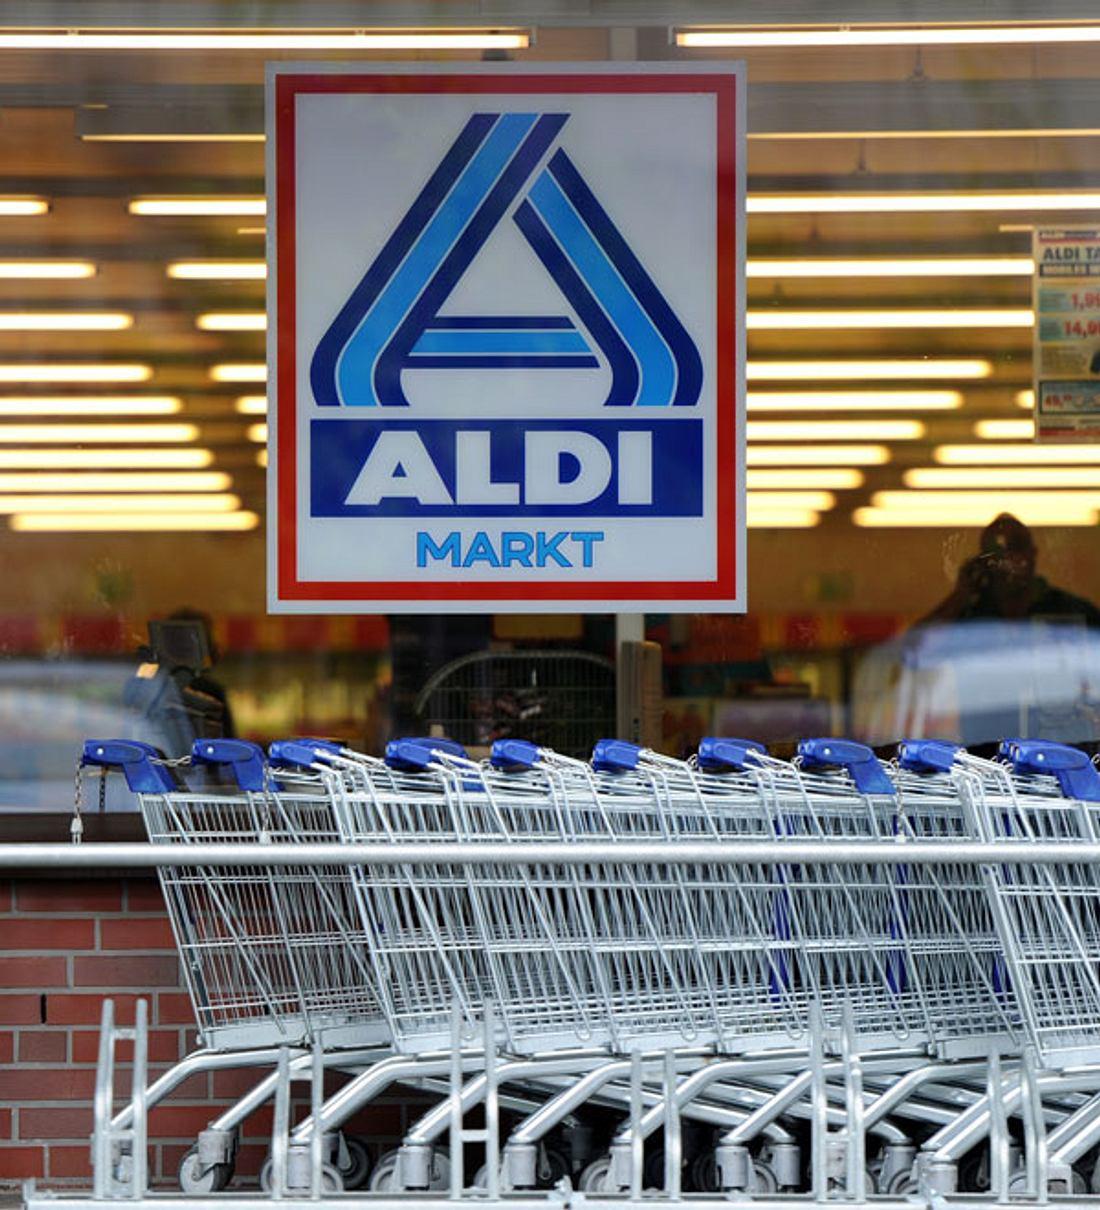 Wegen dieser Promi-Modekollektion sollten nun alle zu ALDI gehen!